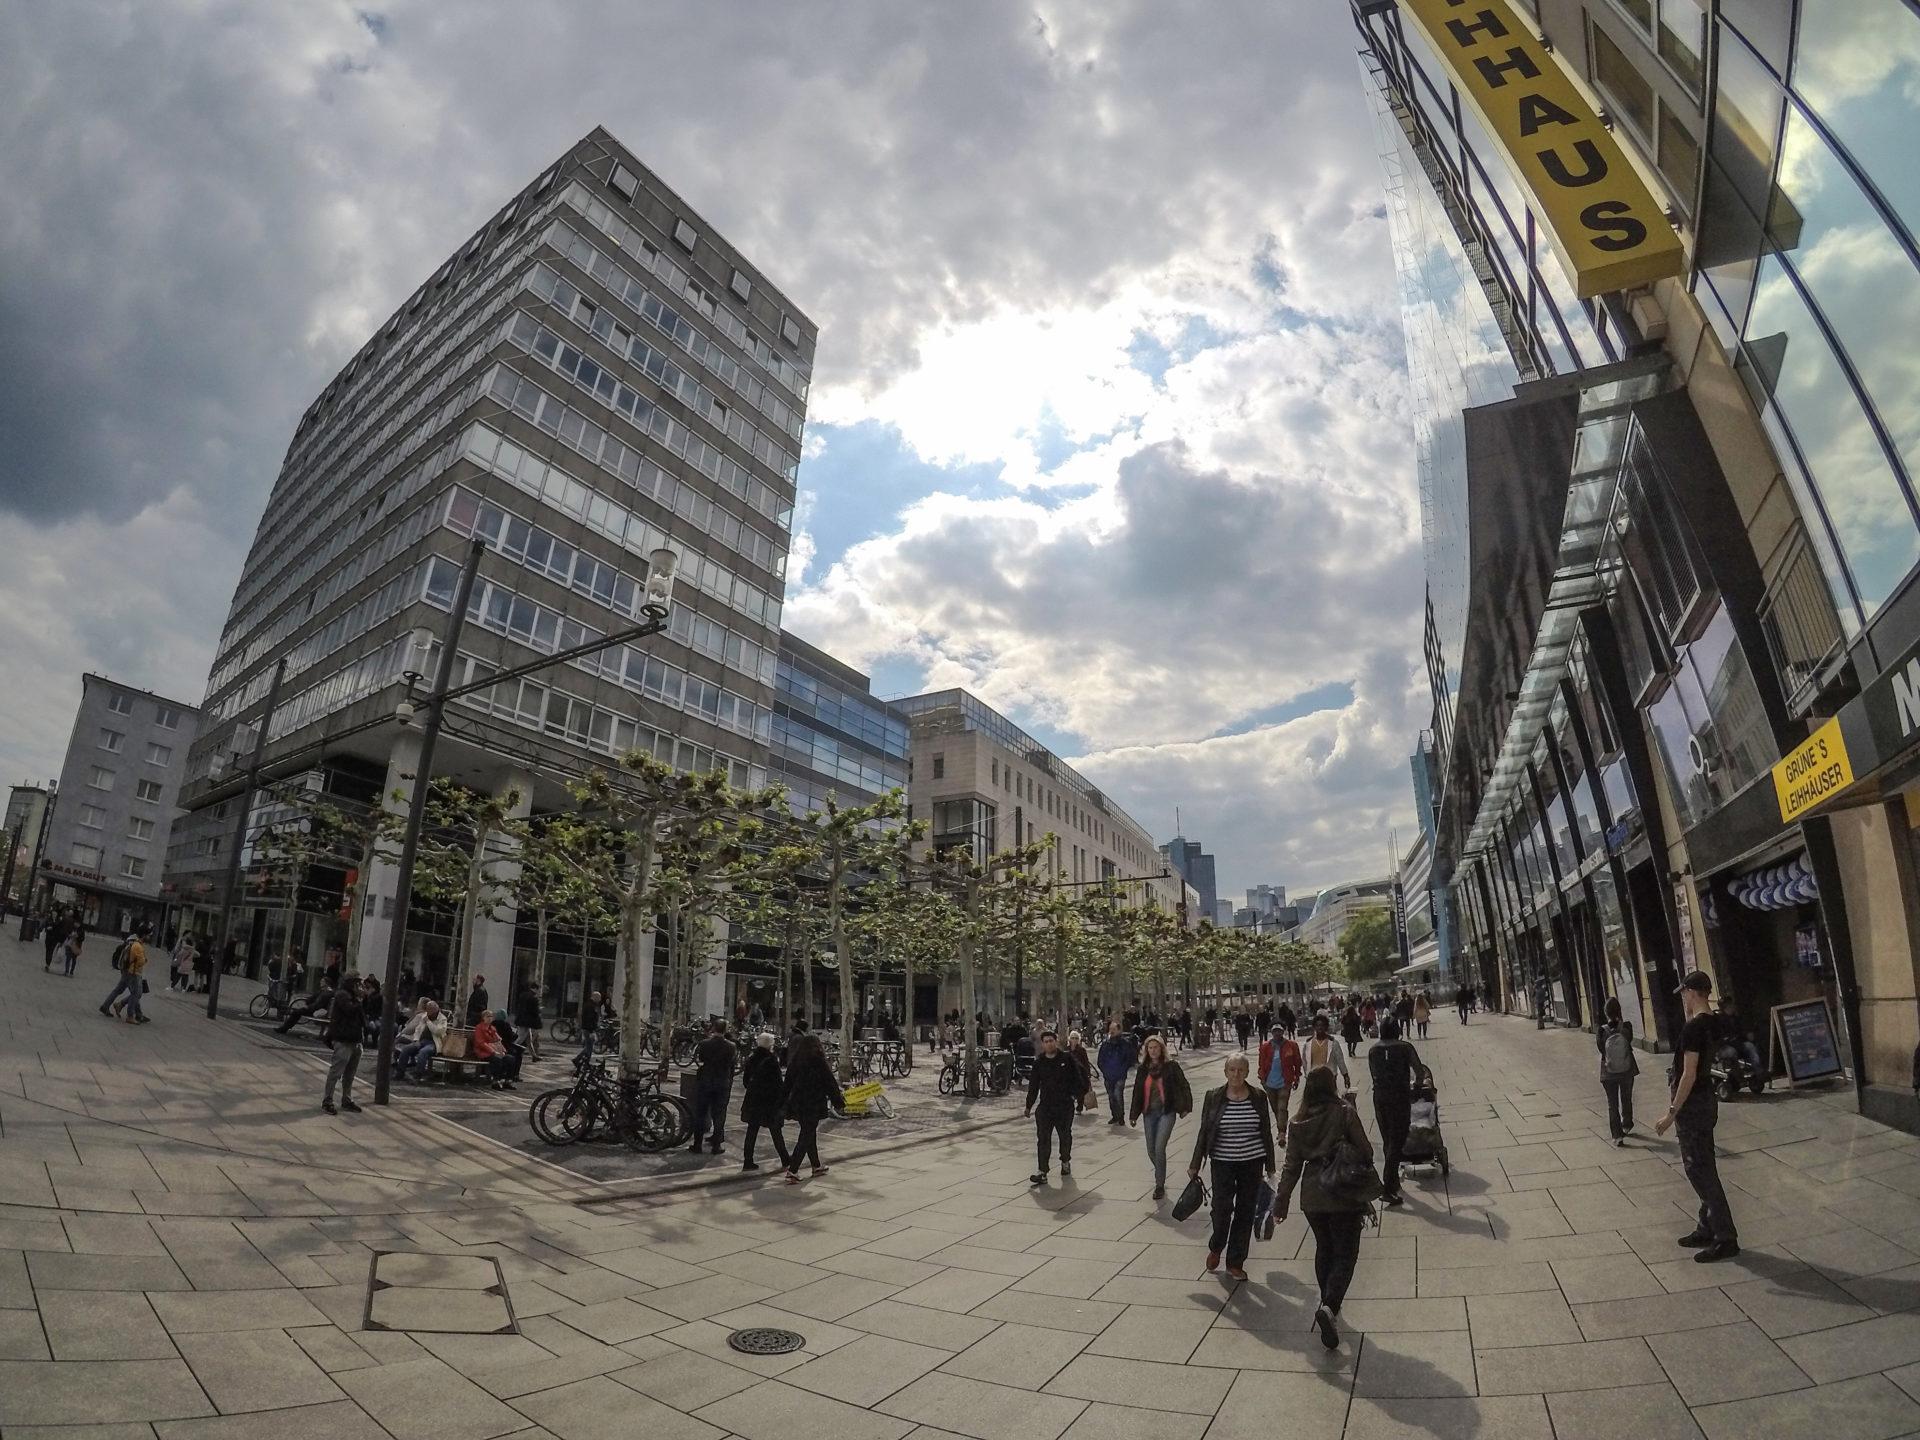 المانيا فرانكفورت اهم اماكن التسوق والمطاعم شارع زيل